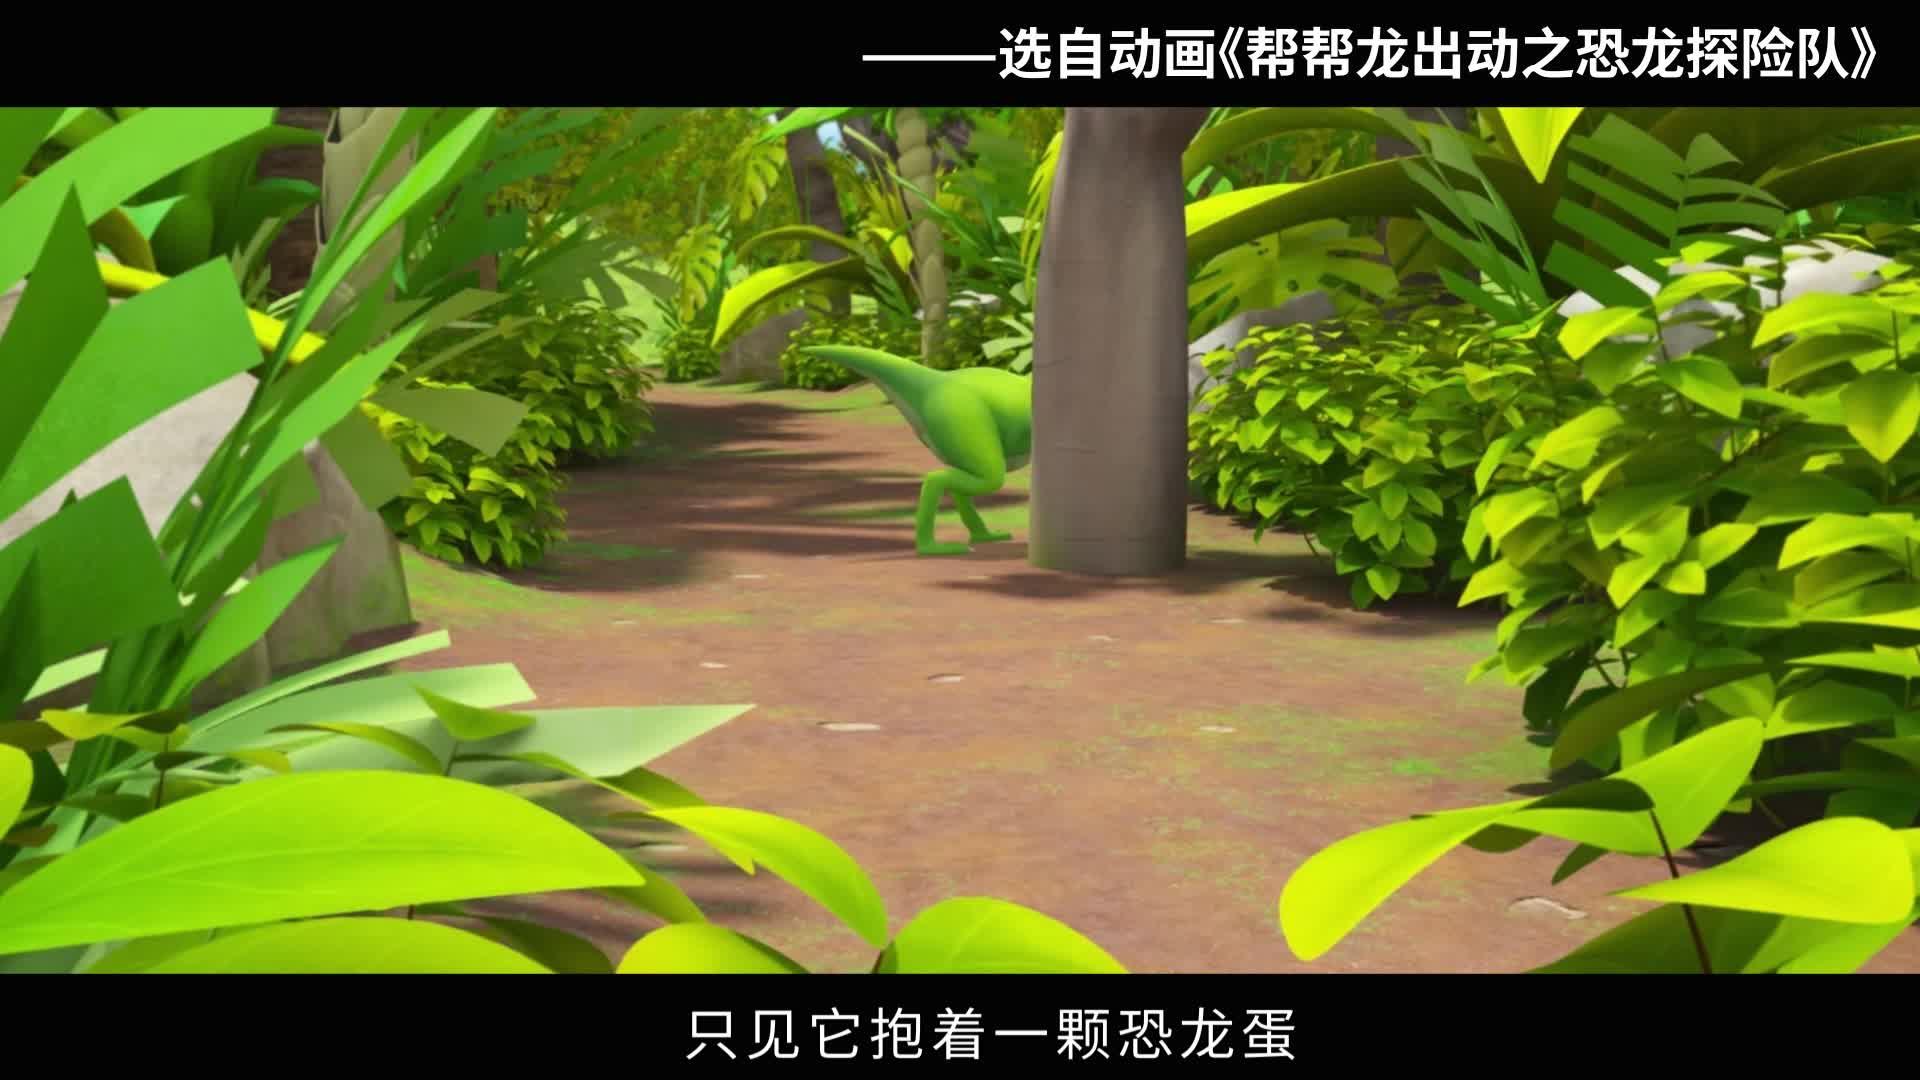 《科学嘻游记》 第25集 认识几种特殊的恐龙